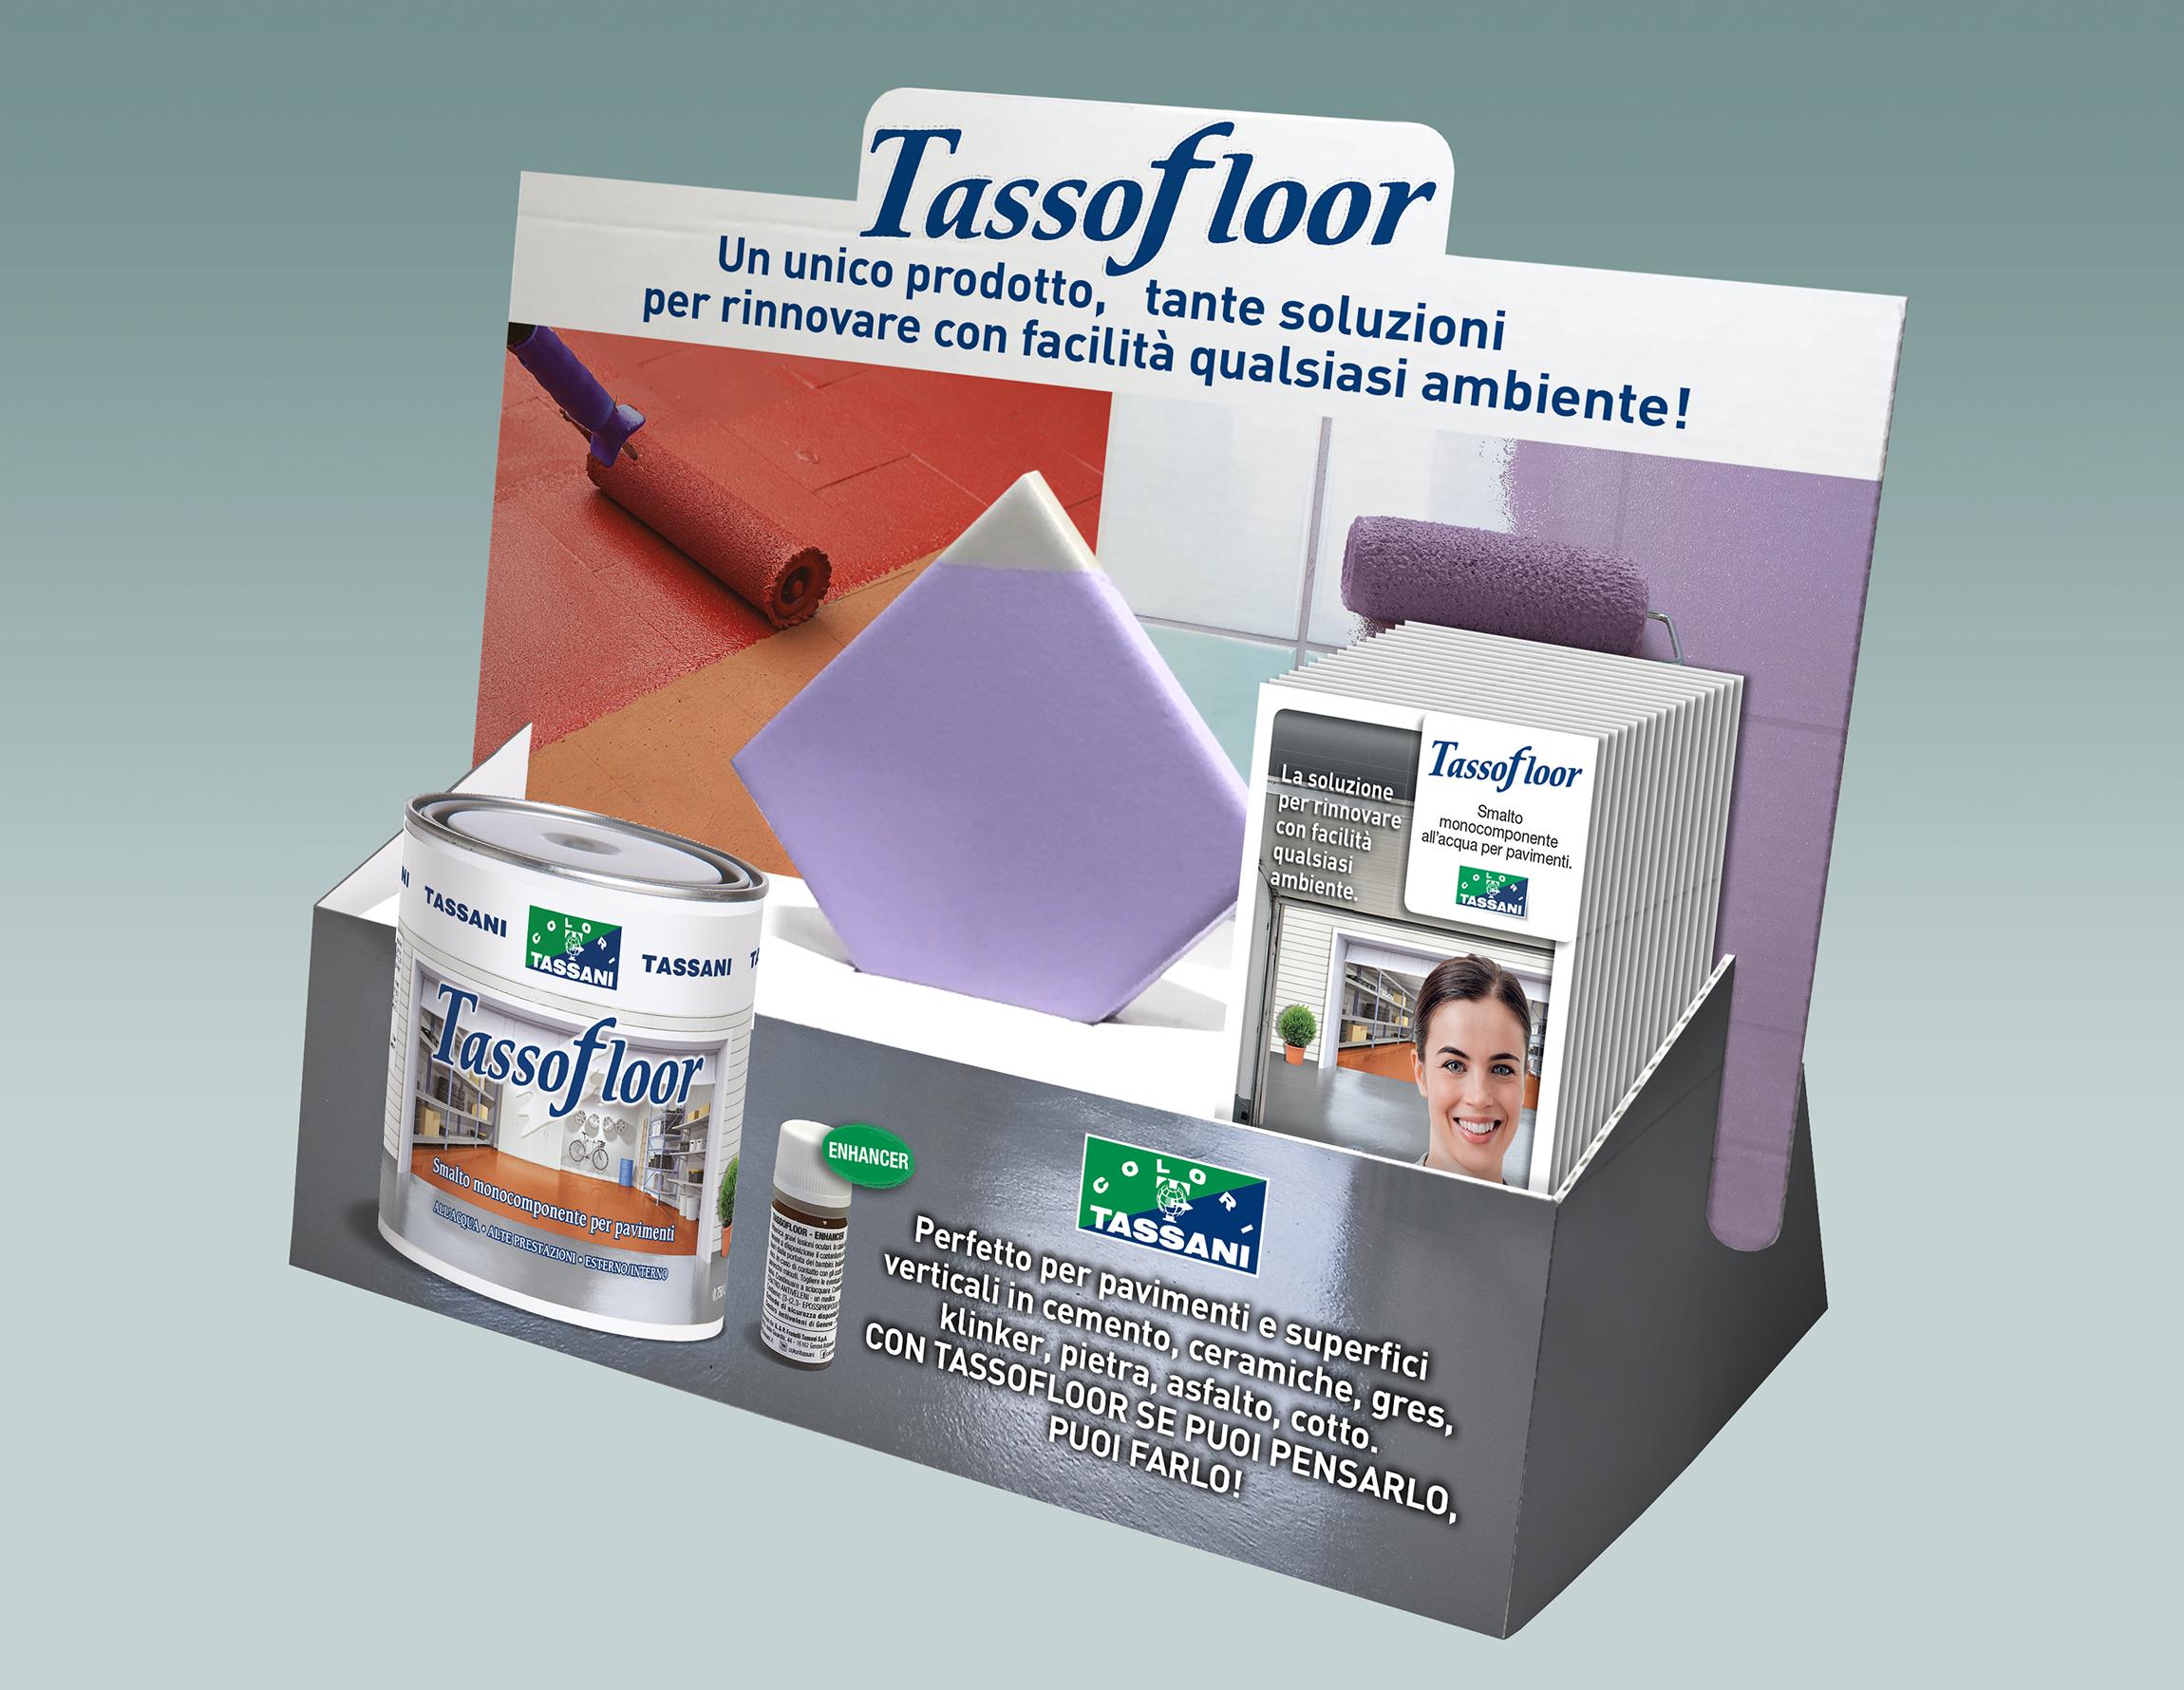 Tassofloor display